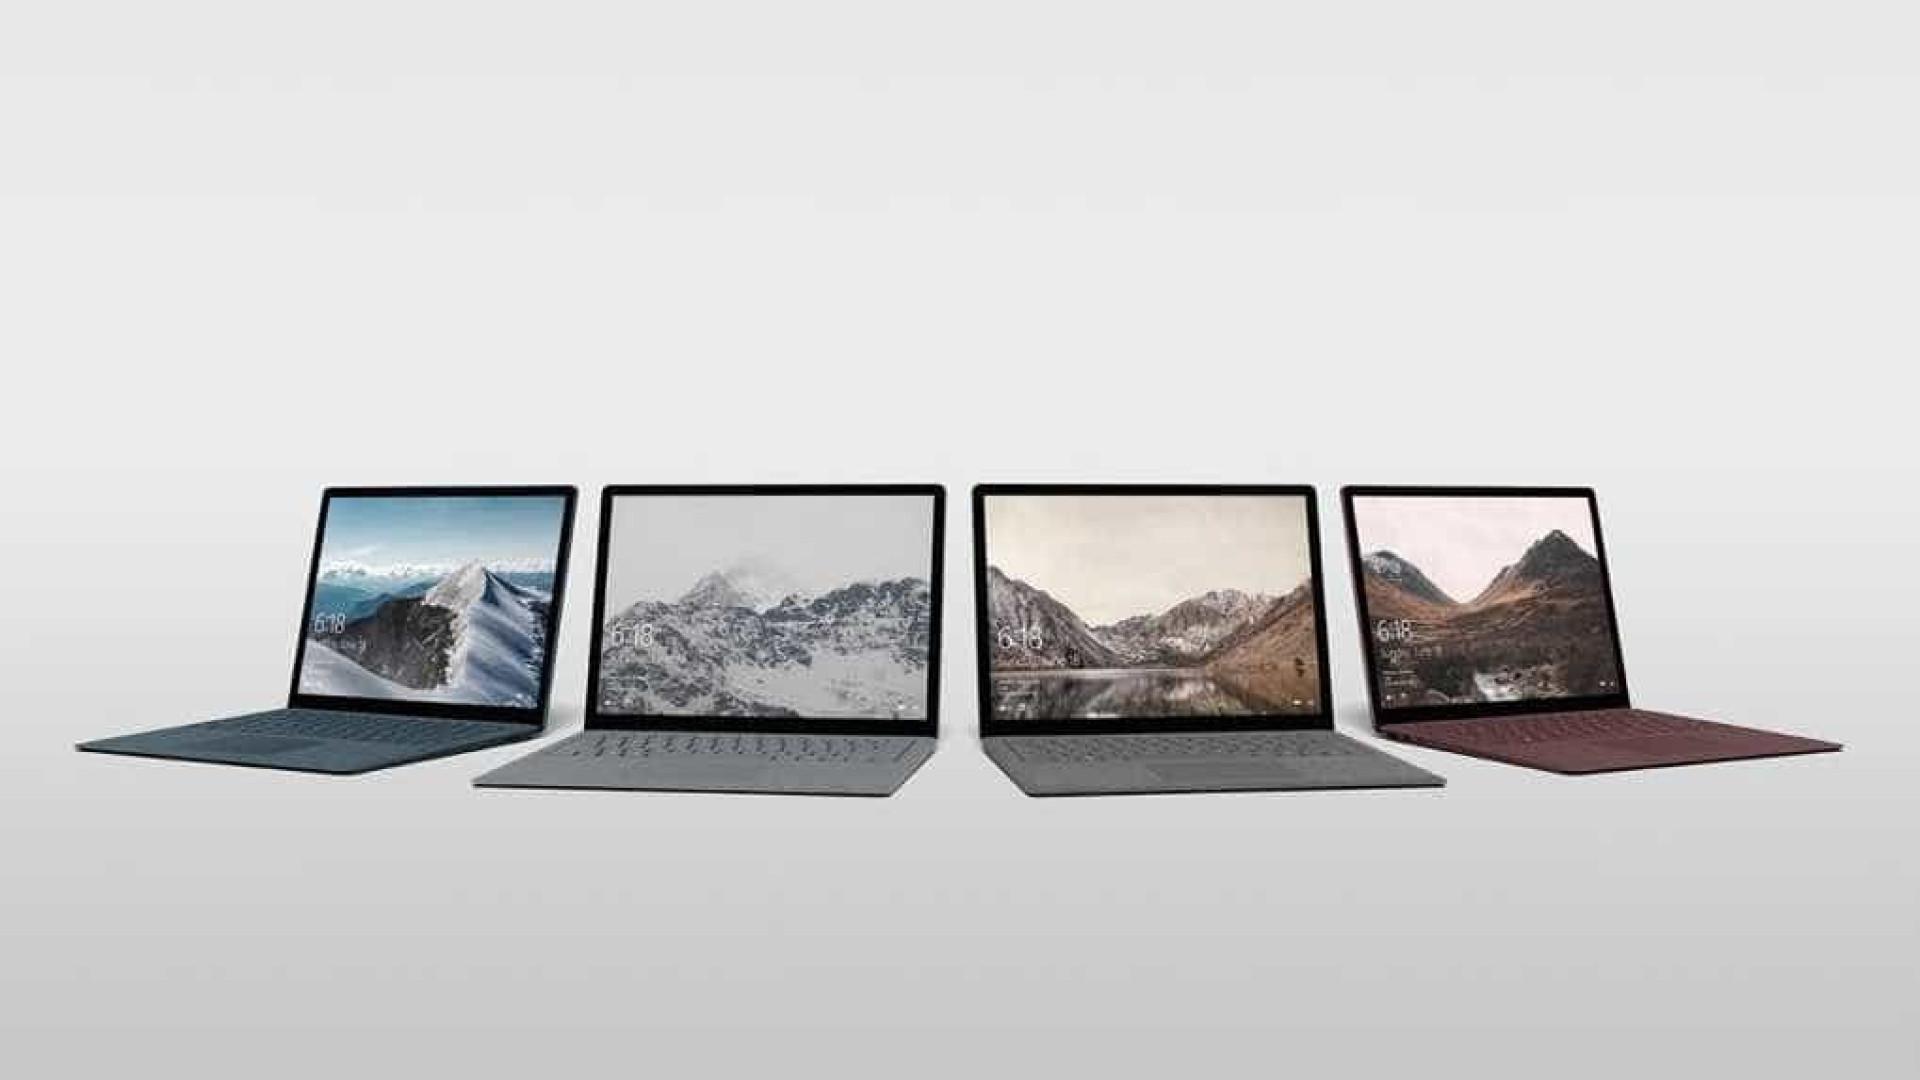 Impressionado com o novo Surface? Veja as fotografias do interior